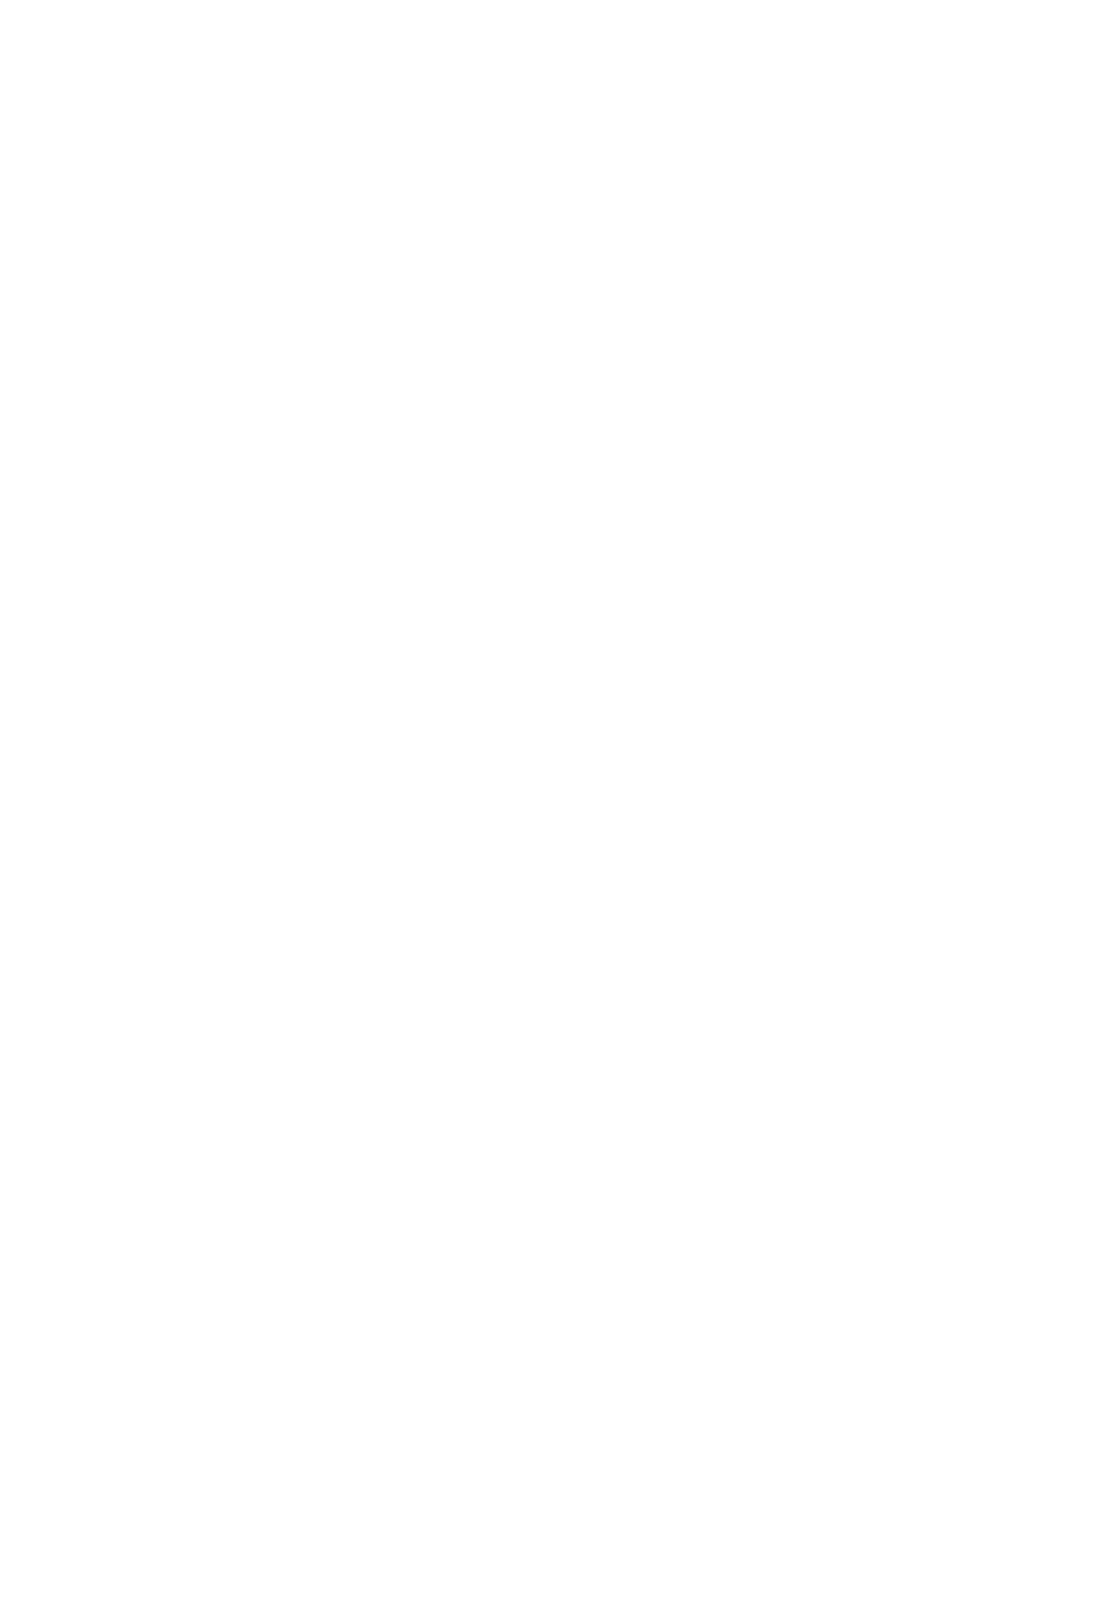 Hokuou no Megami to Charao no Rune 1